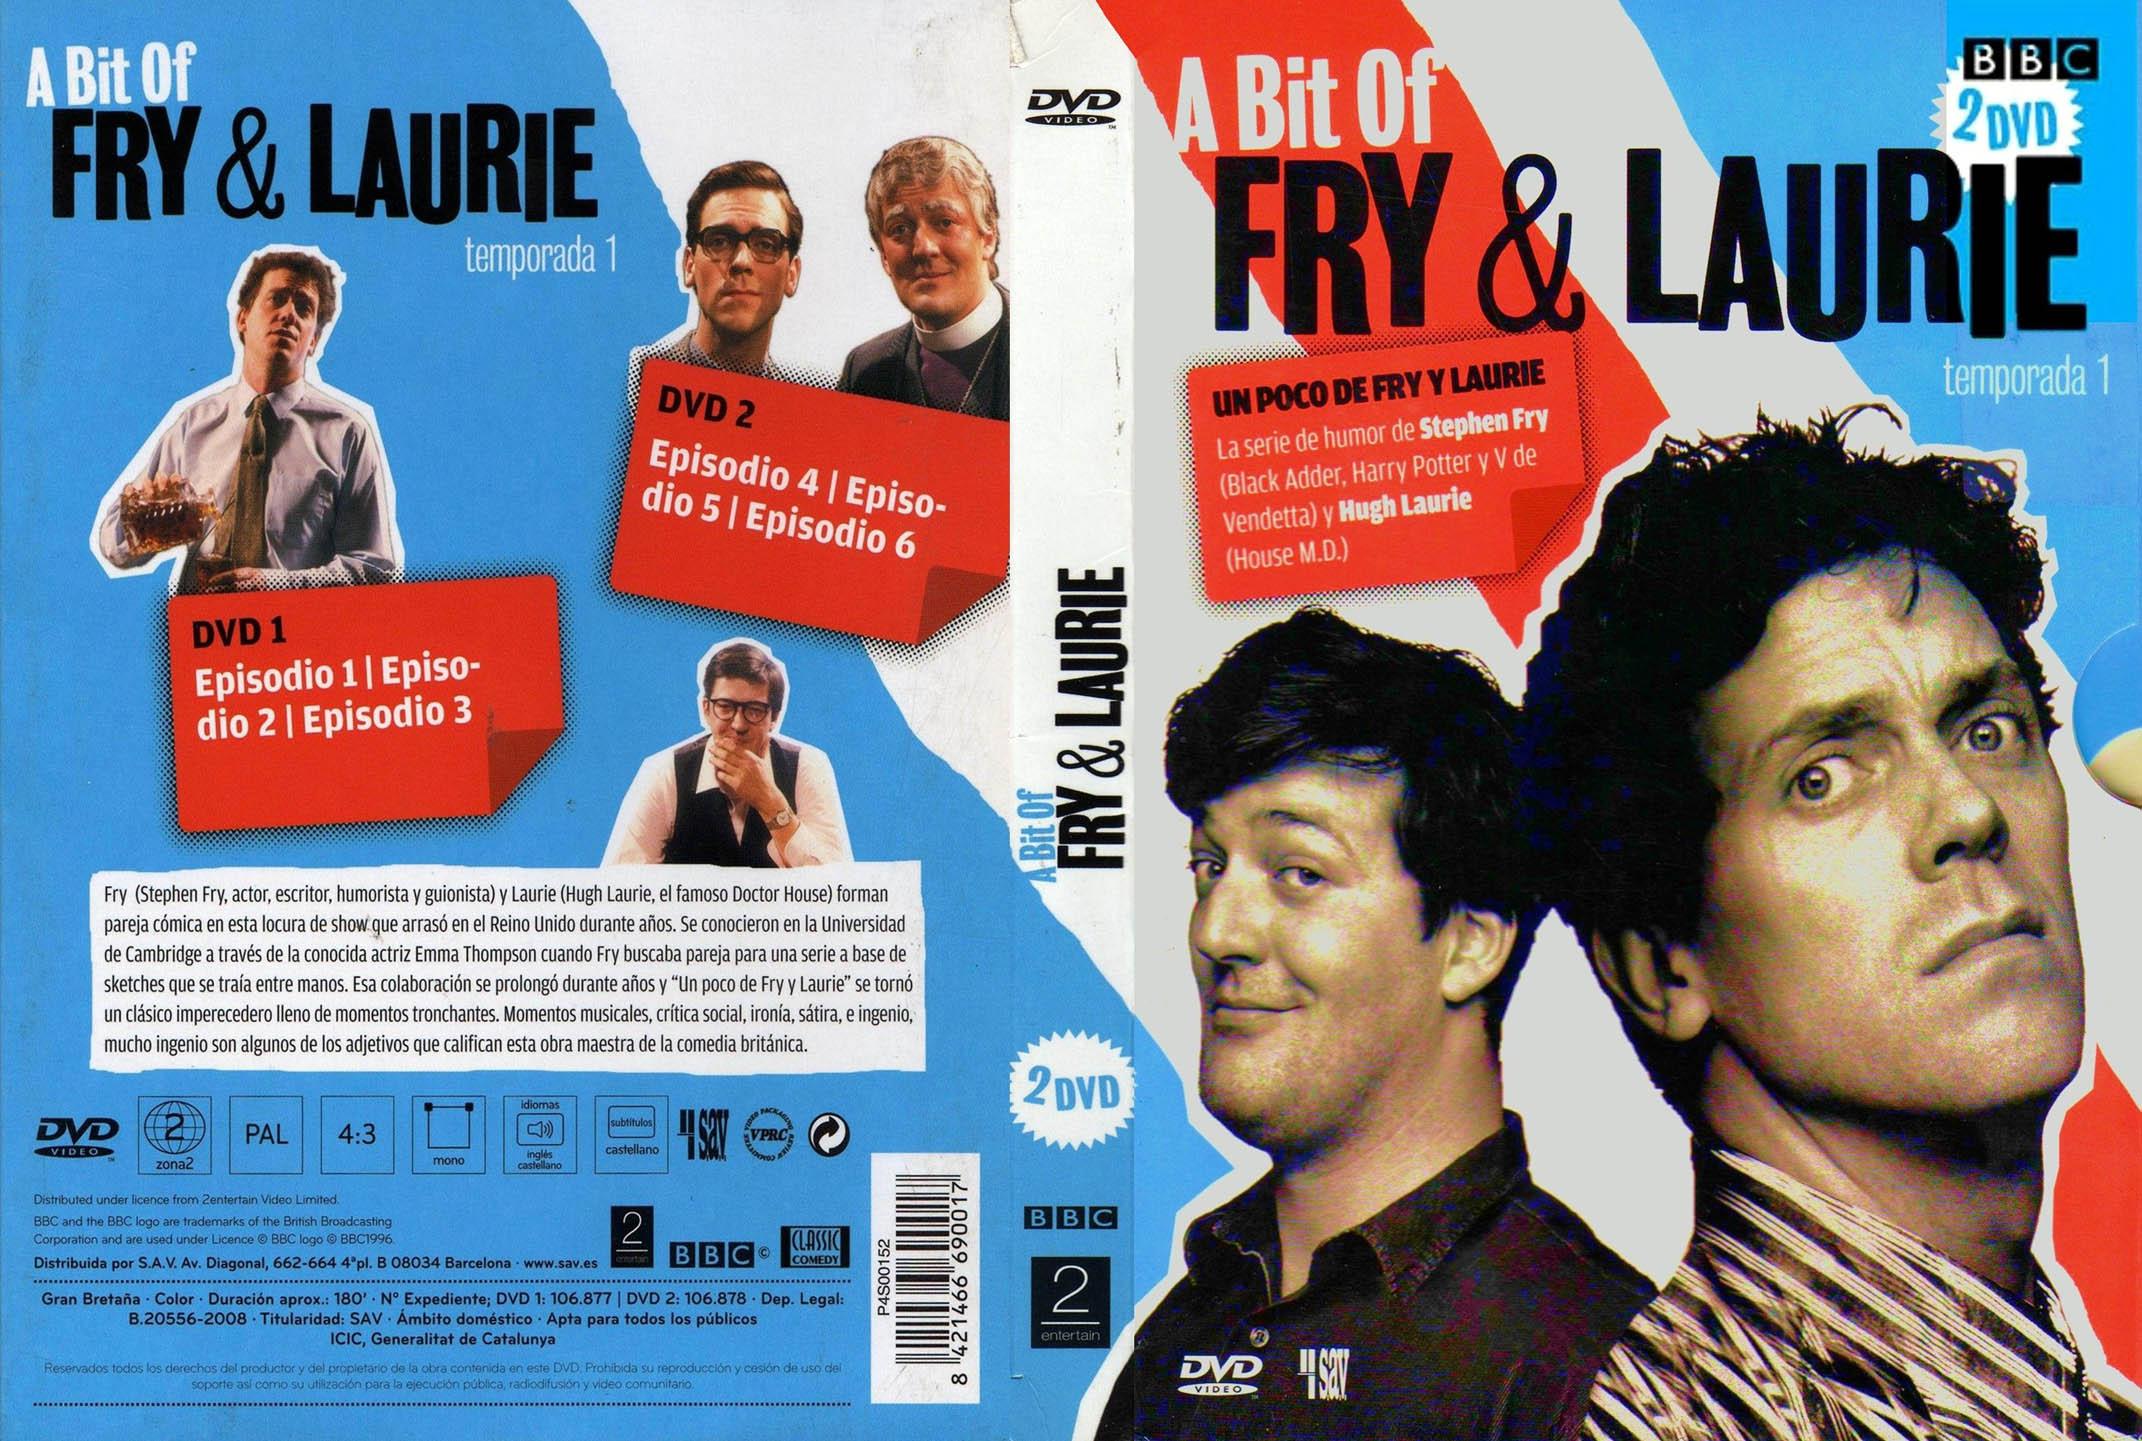 Un_Poco_De_Fry_Y_Laurie_Temporada_1-Caratula.jpg